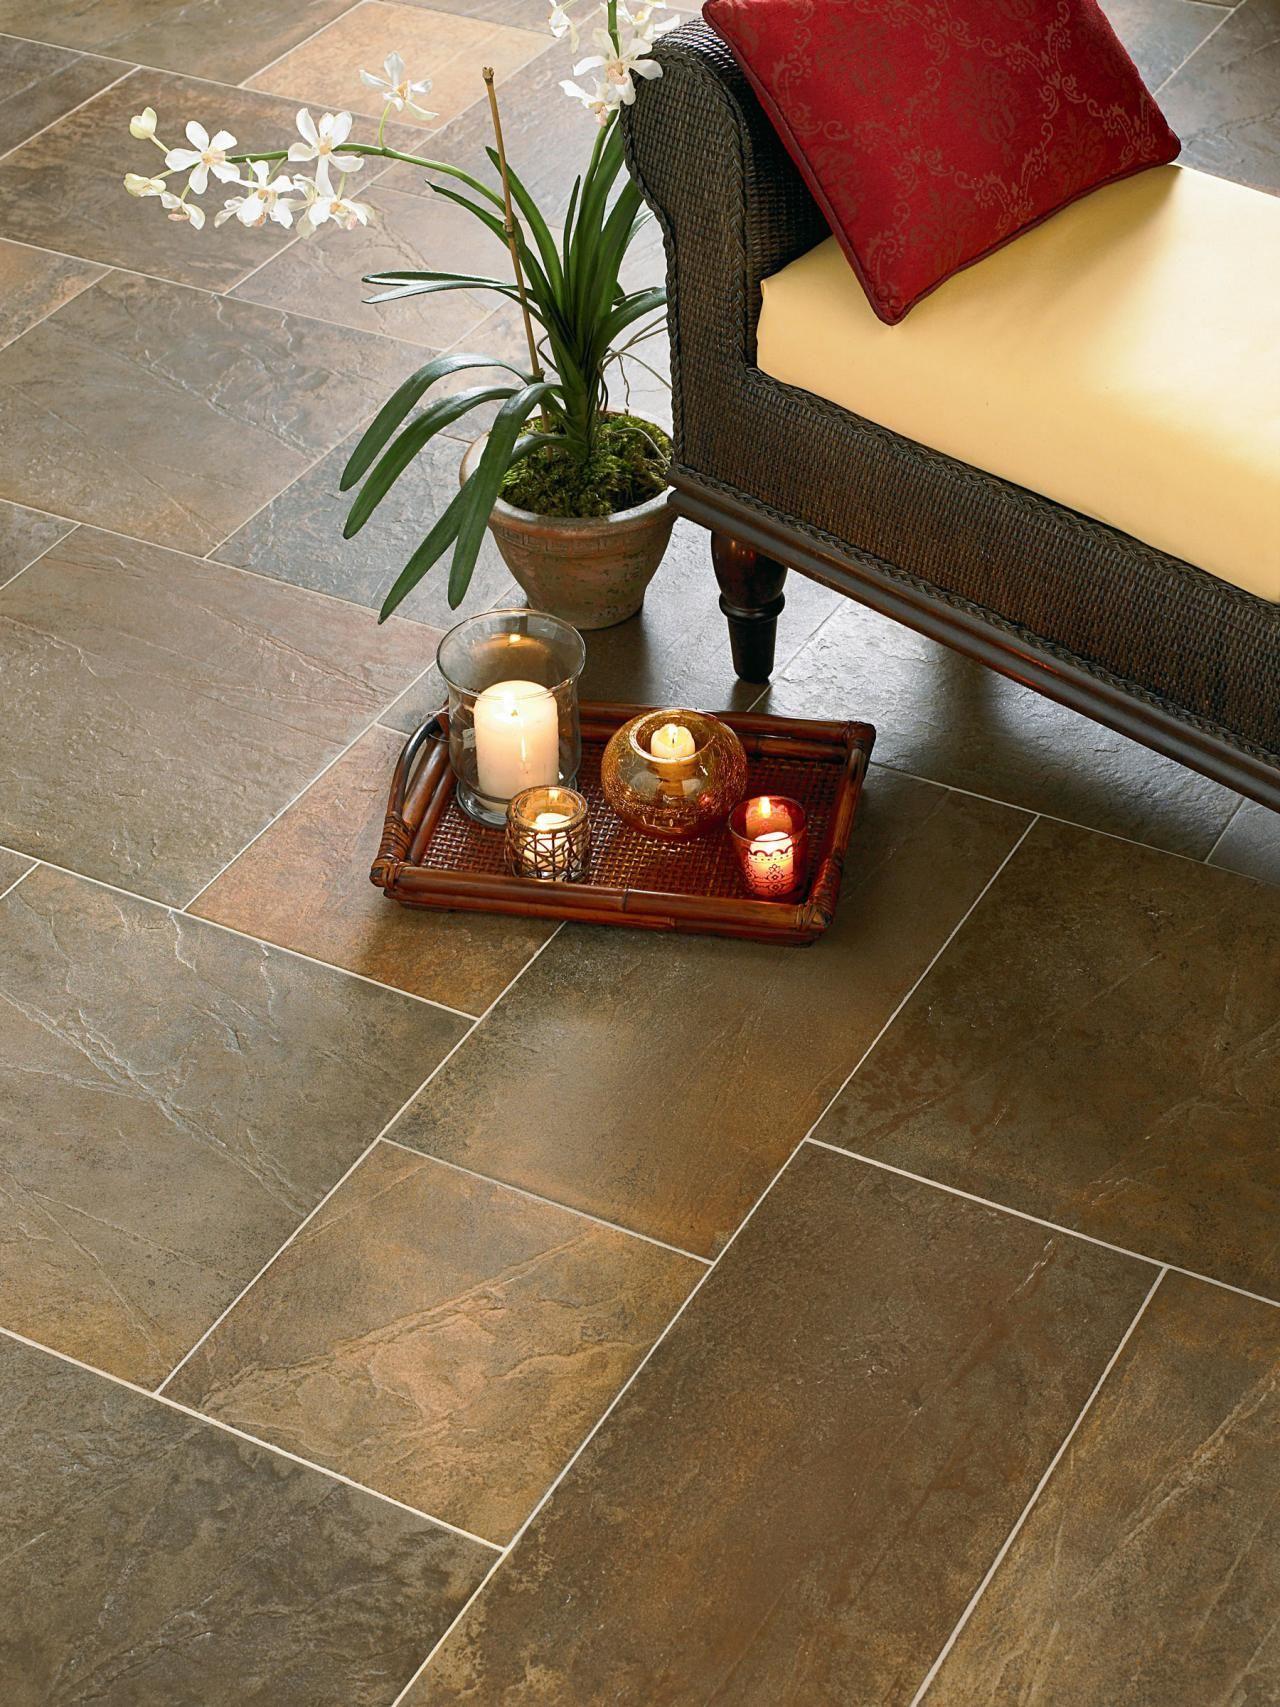 Best Type Of Floor For Kitchen Tile Flooring Options Flooring Options Floor Tiles For Kitchen